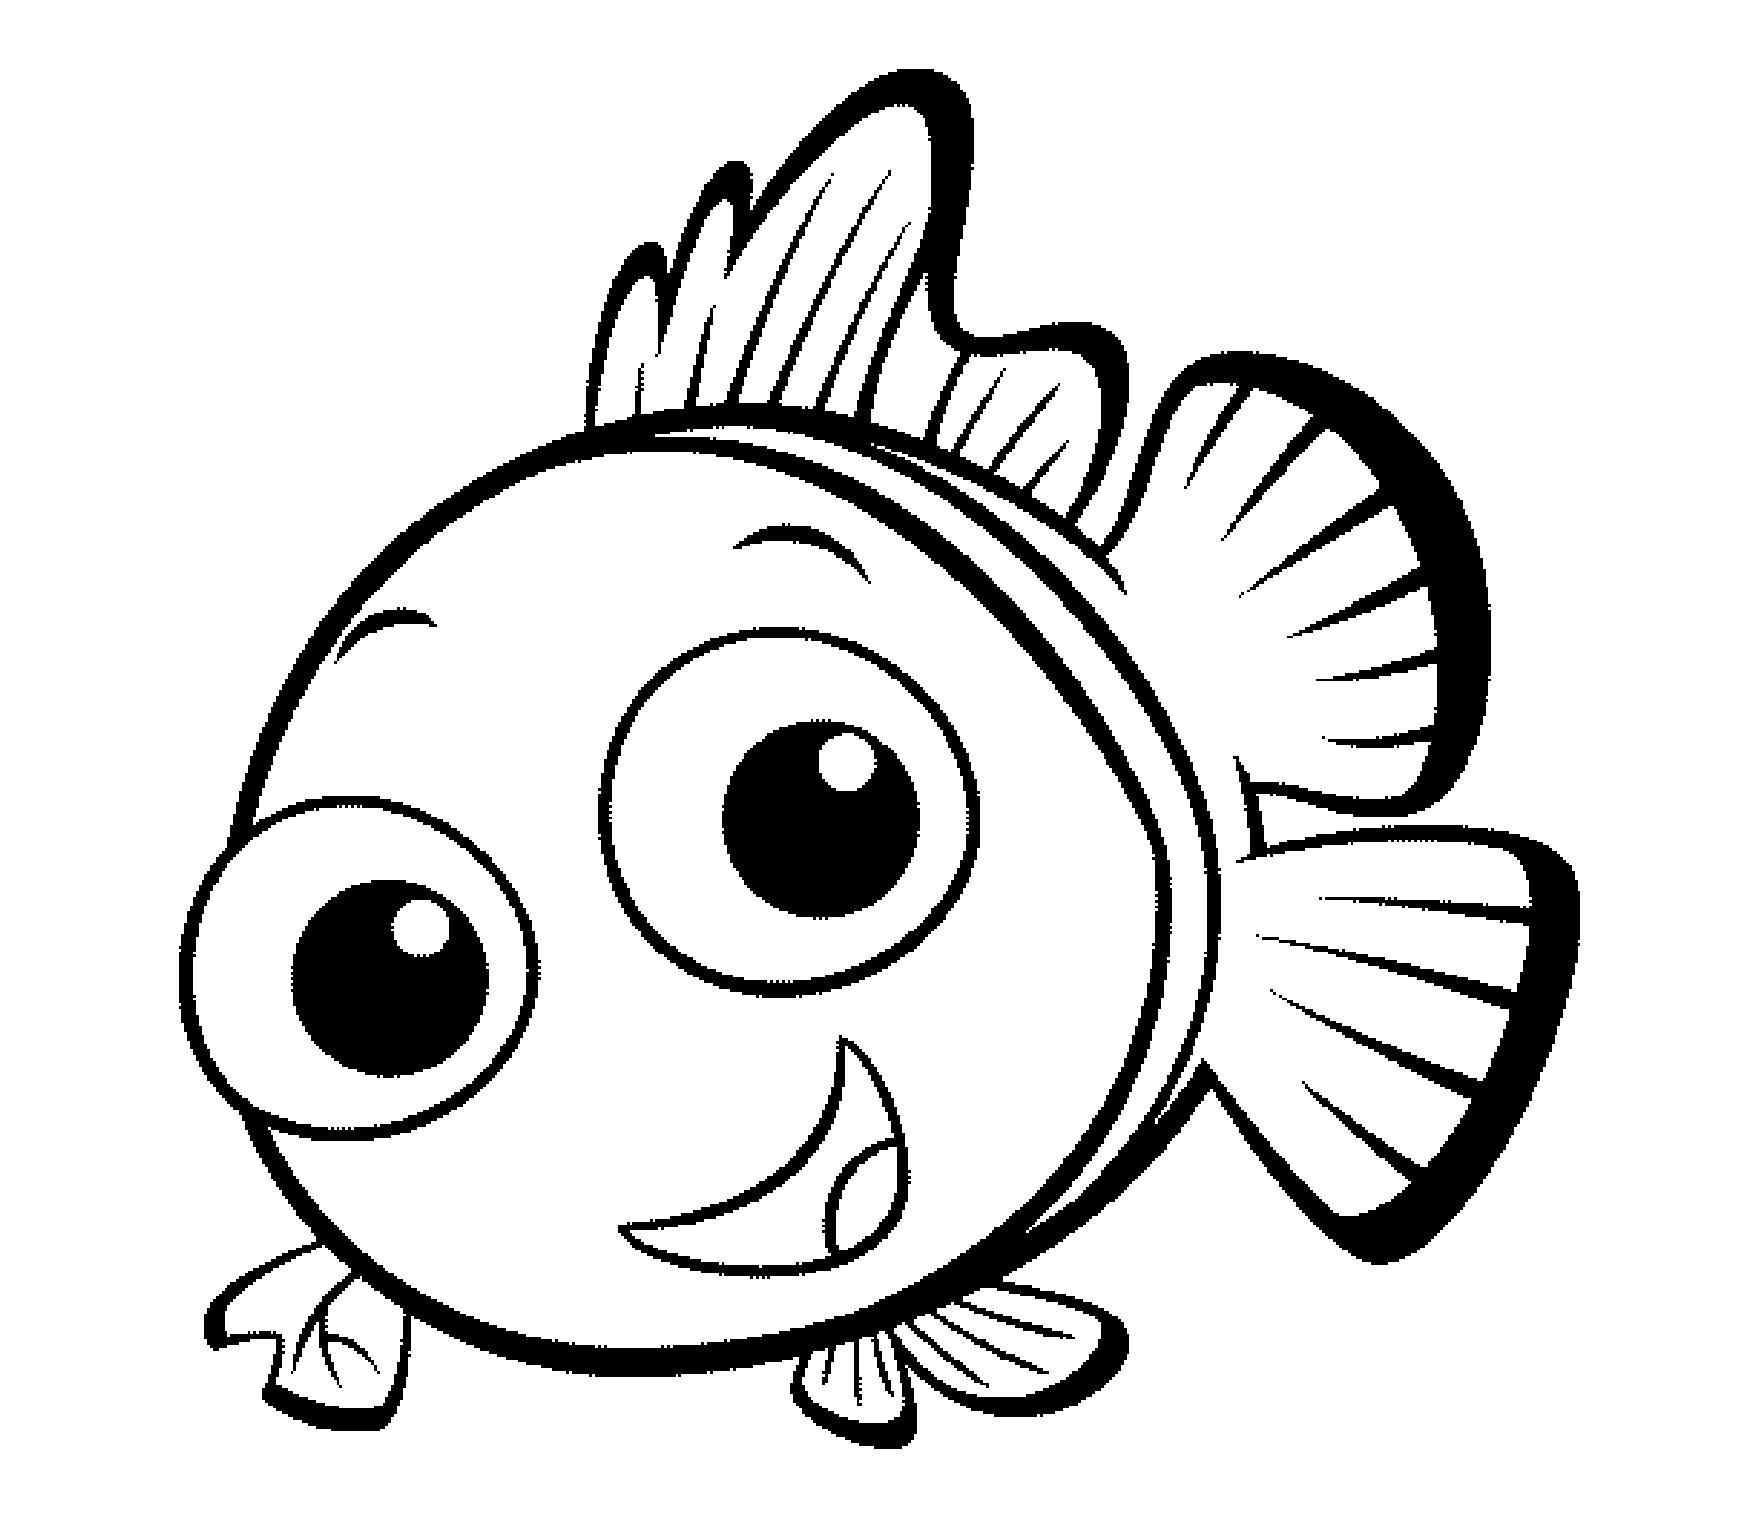 Распечатать бесплатные раскраски для детей: животные: рыбы, змеи, жабы